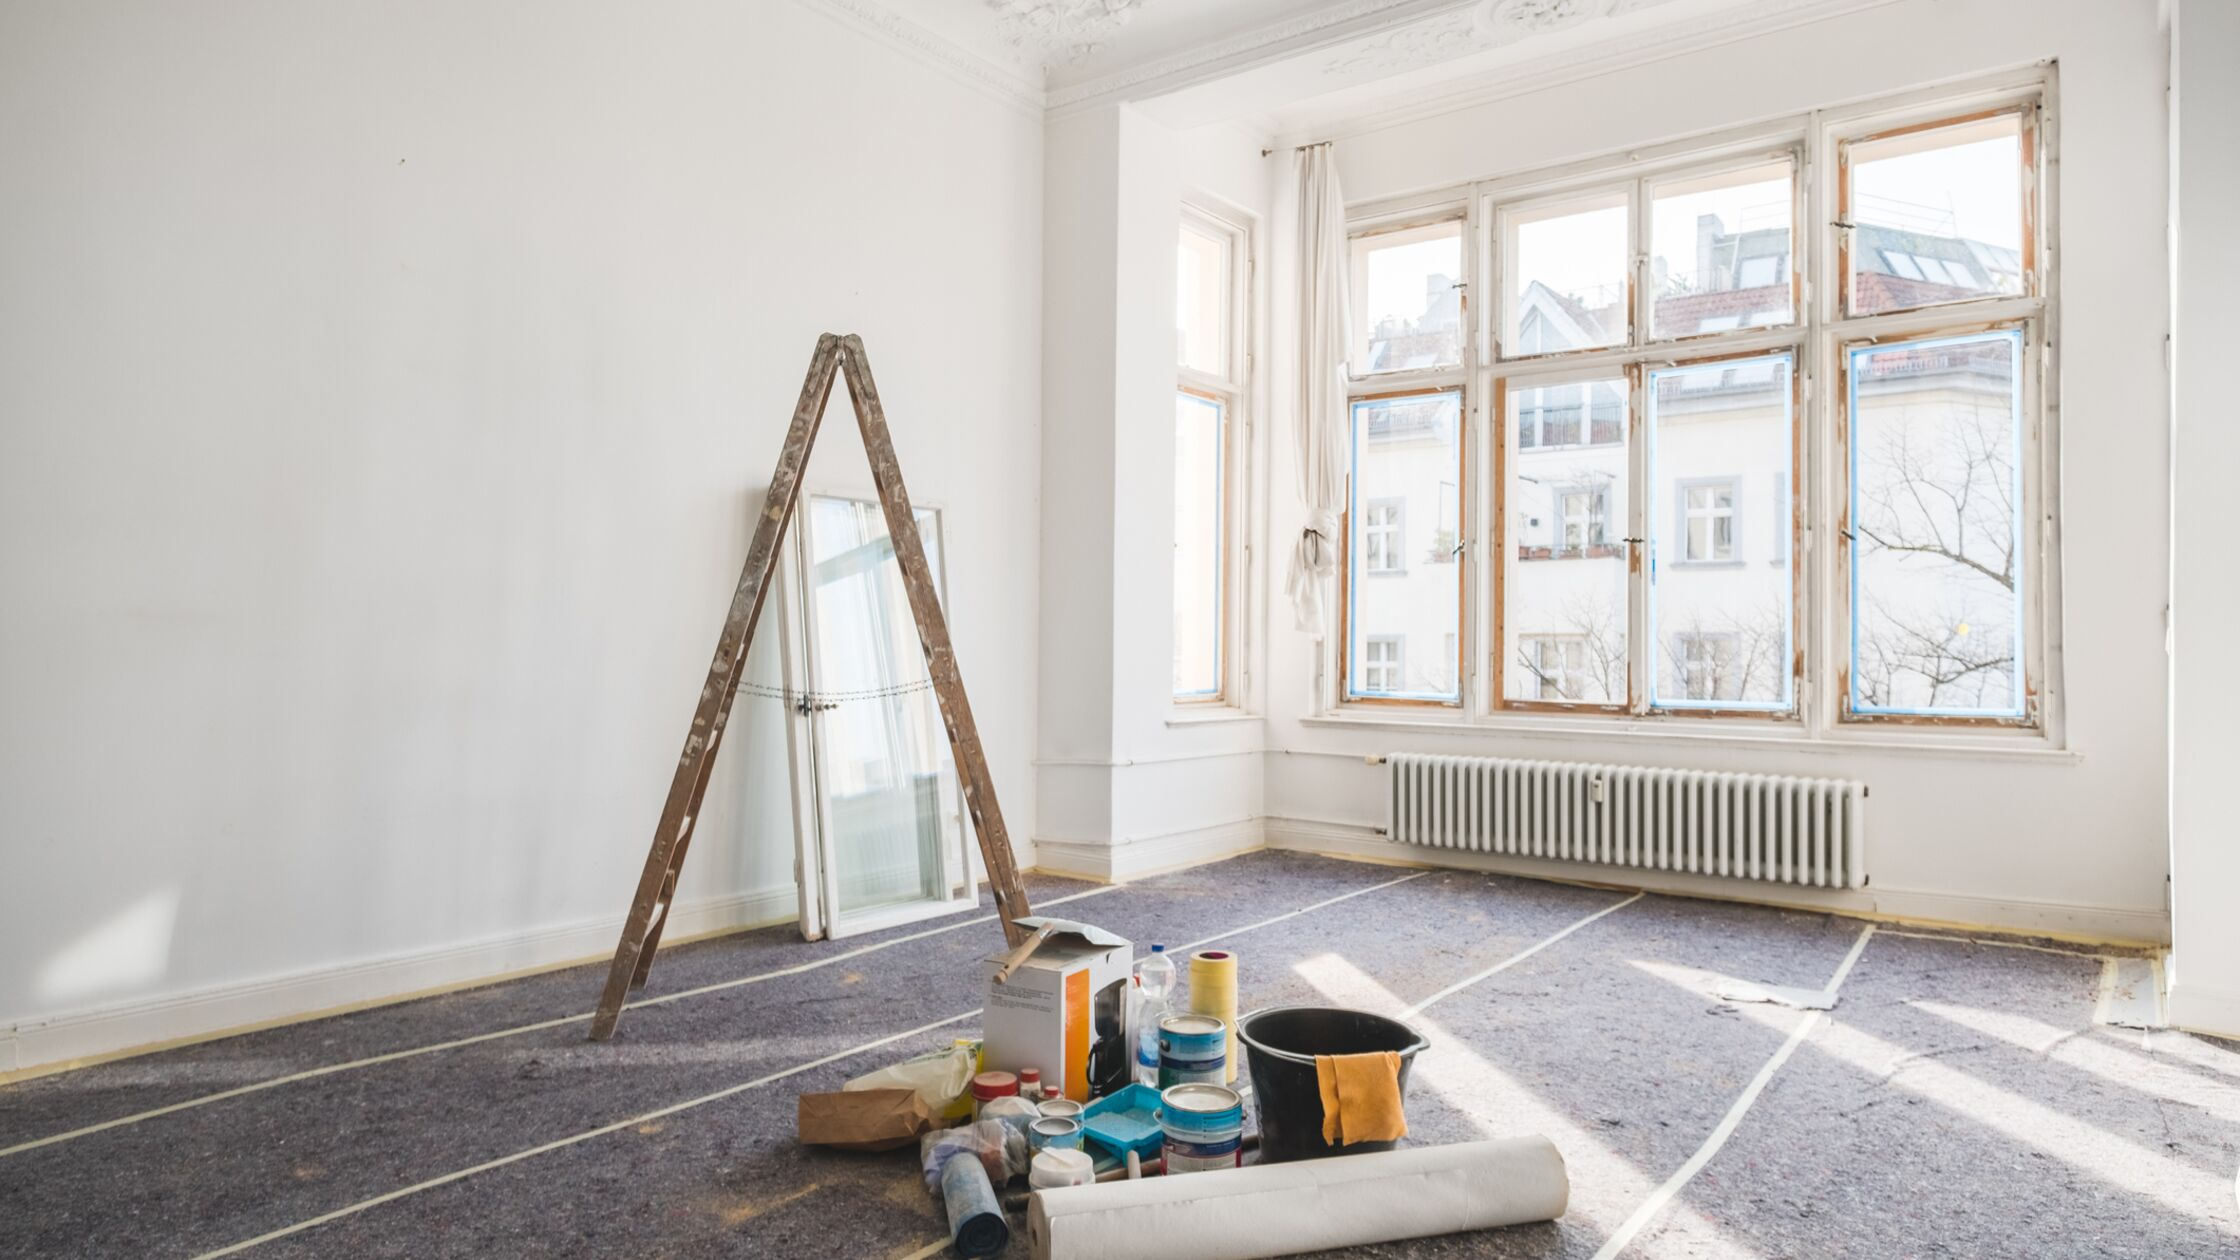 Vermieter führt laute und störende Renovierungen in der Wohnung durch, die den Mietern eine Sonderkündigung des Mietvertrags erlauben